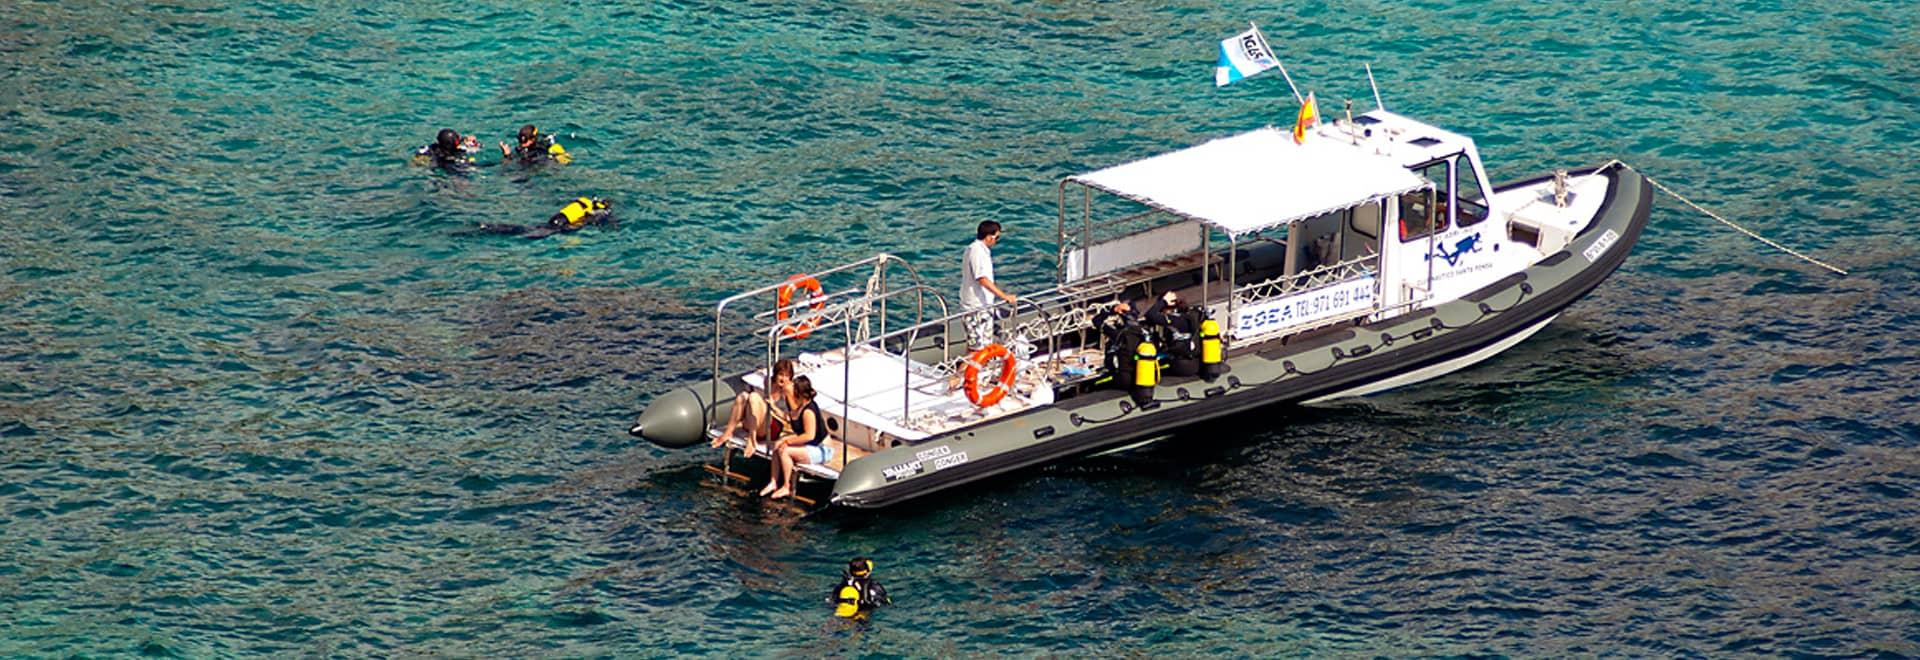 Conger Conger barcos Zoeamallorca Mallorca